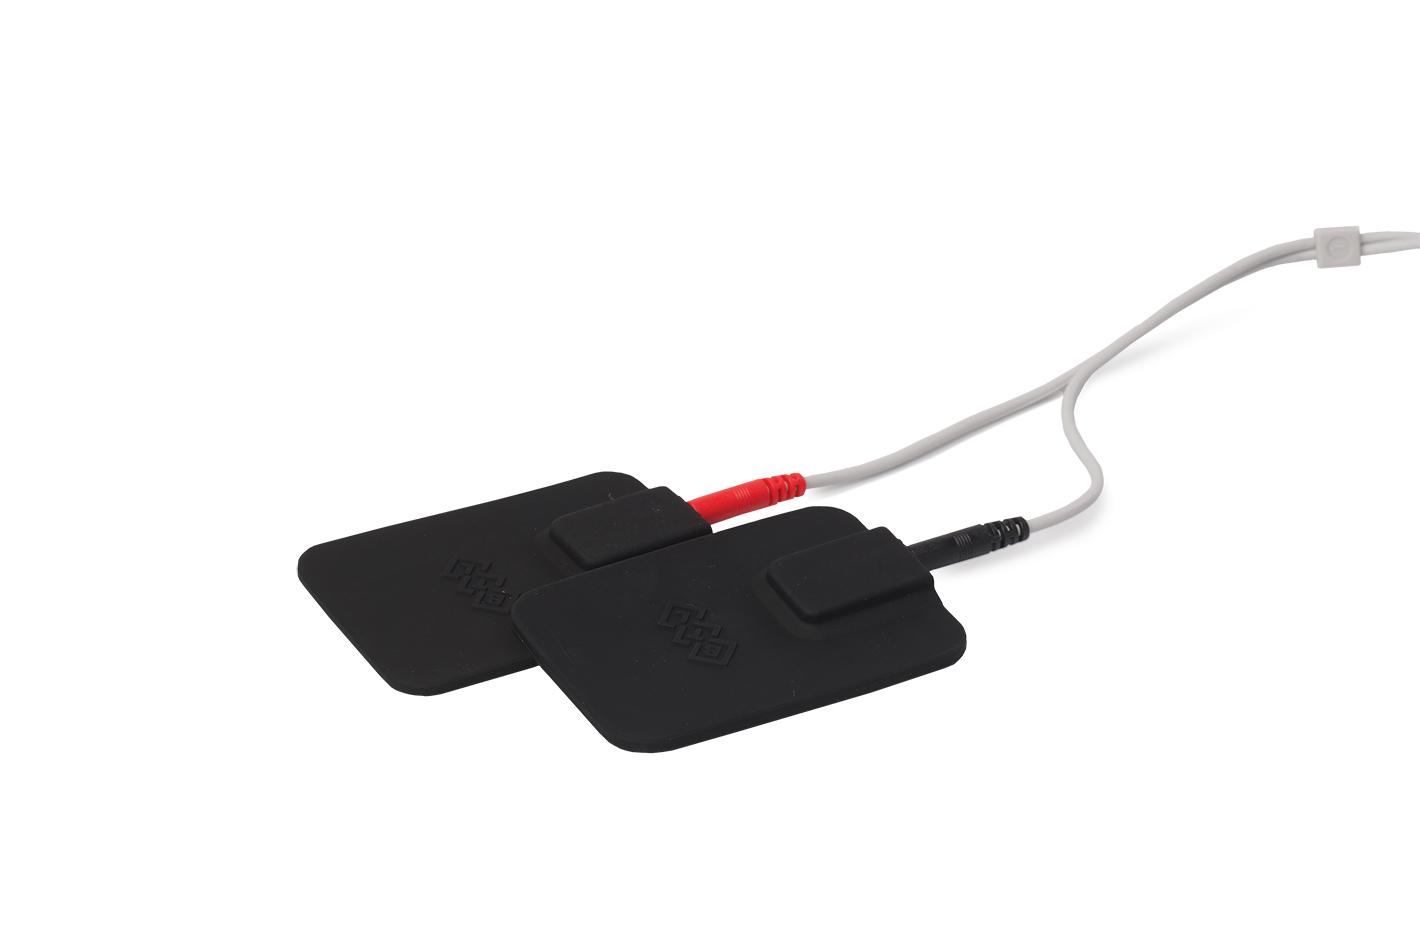 BTL-4000-5000_Electro_PIC_rubber-electrodes_(1)